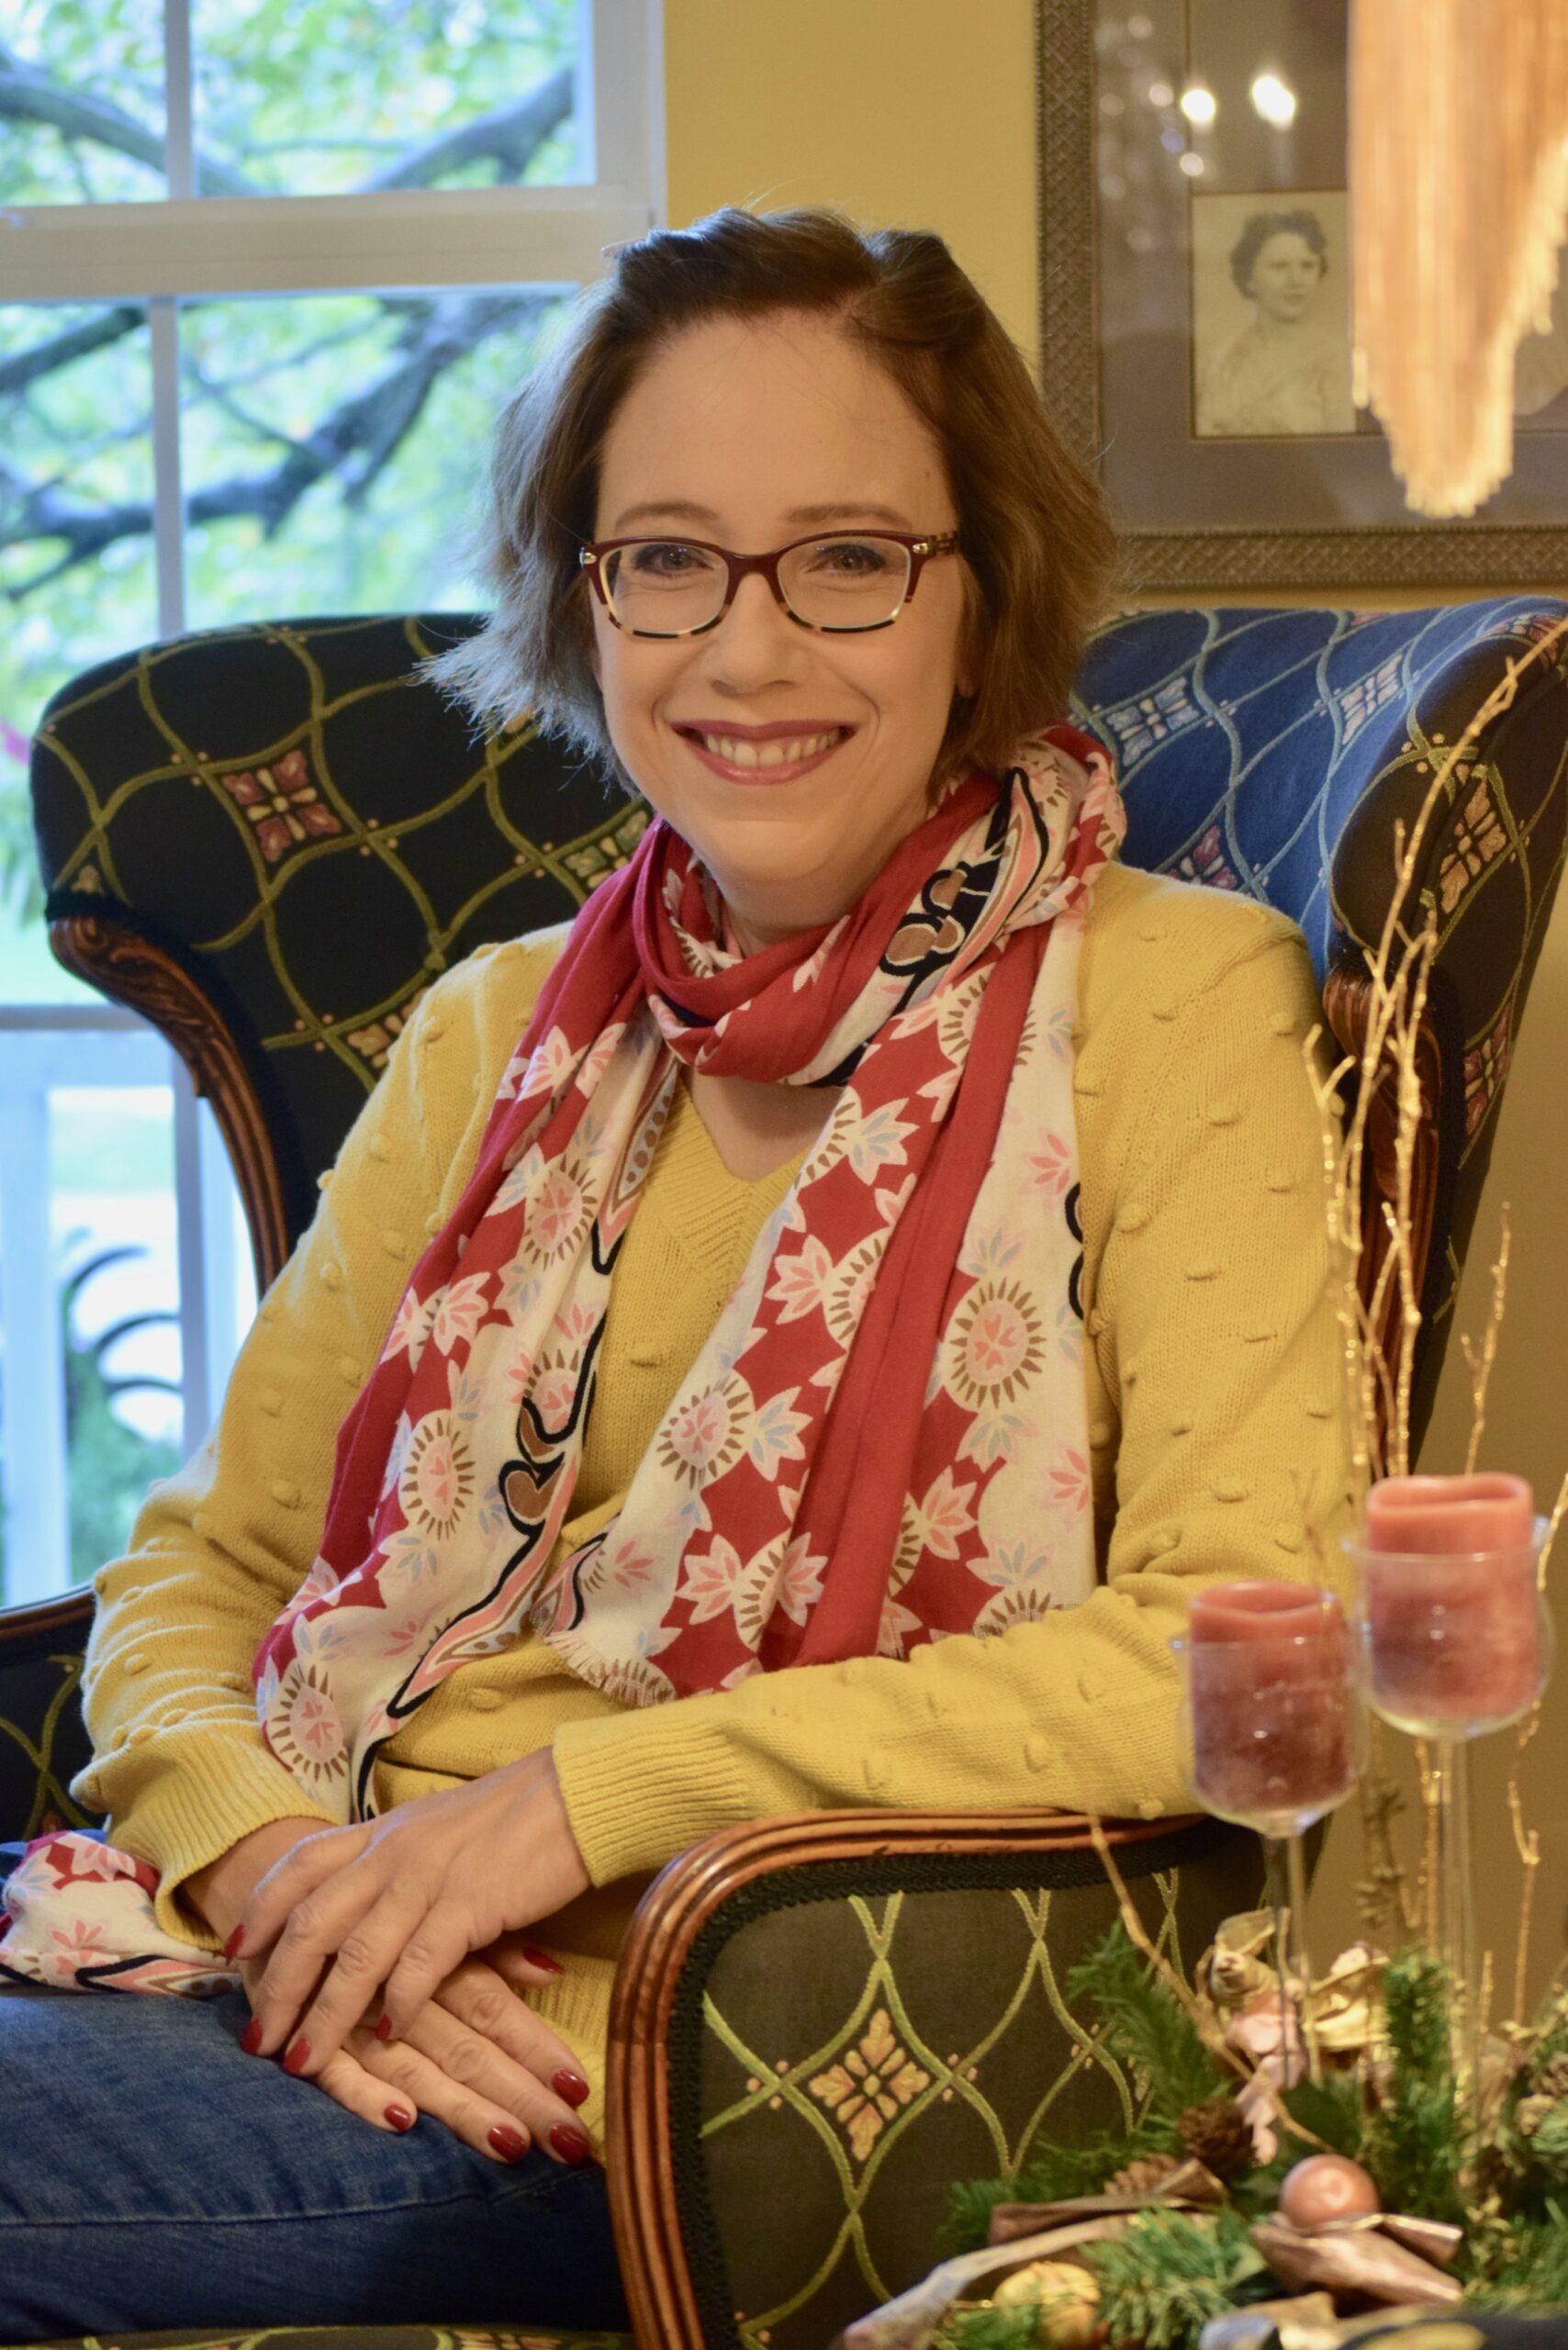 Barb Vanek